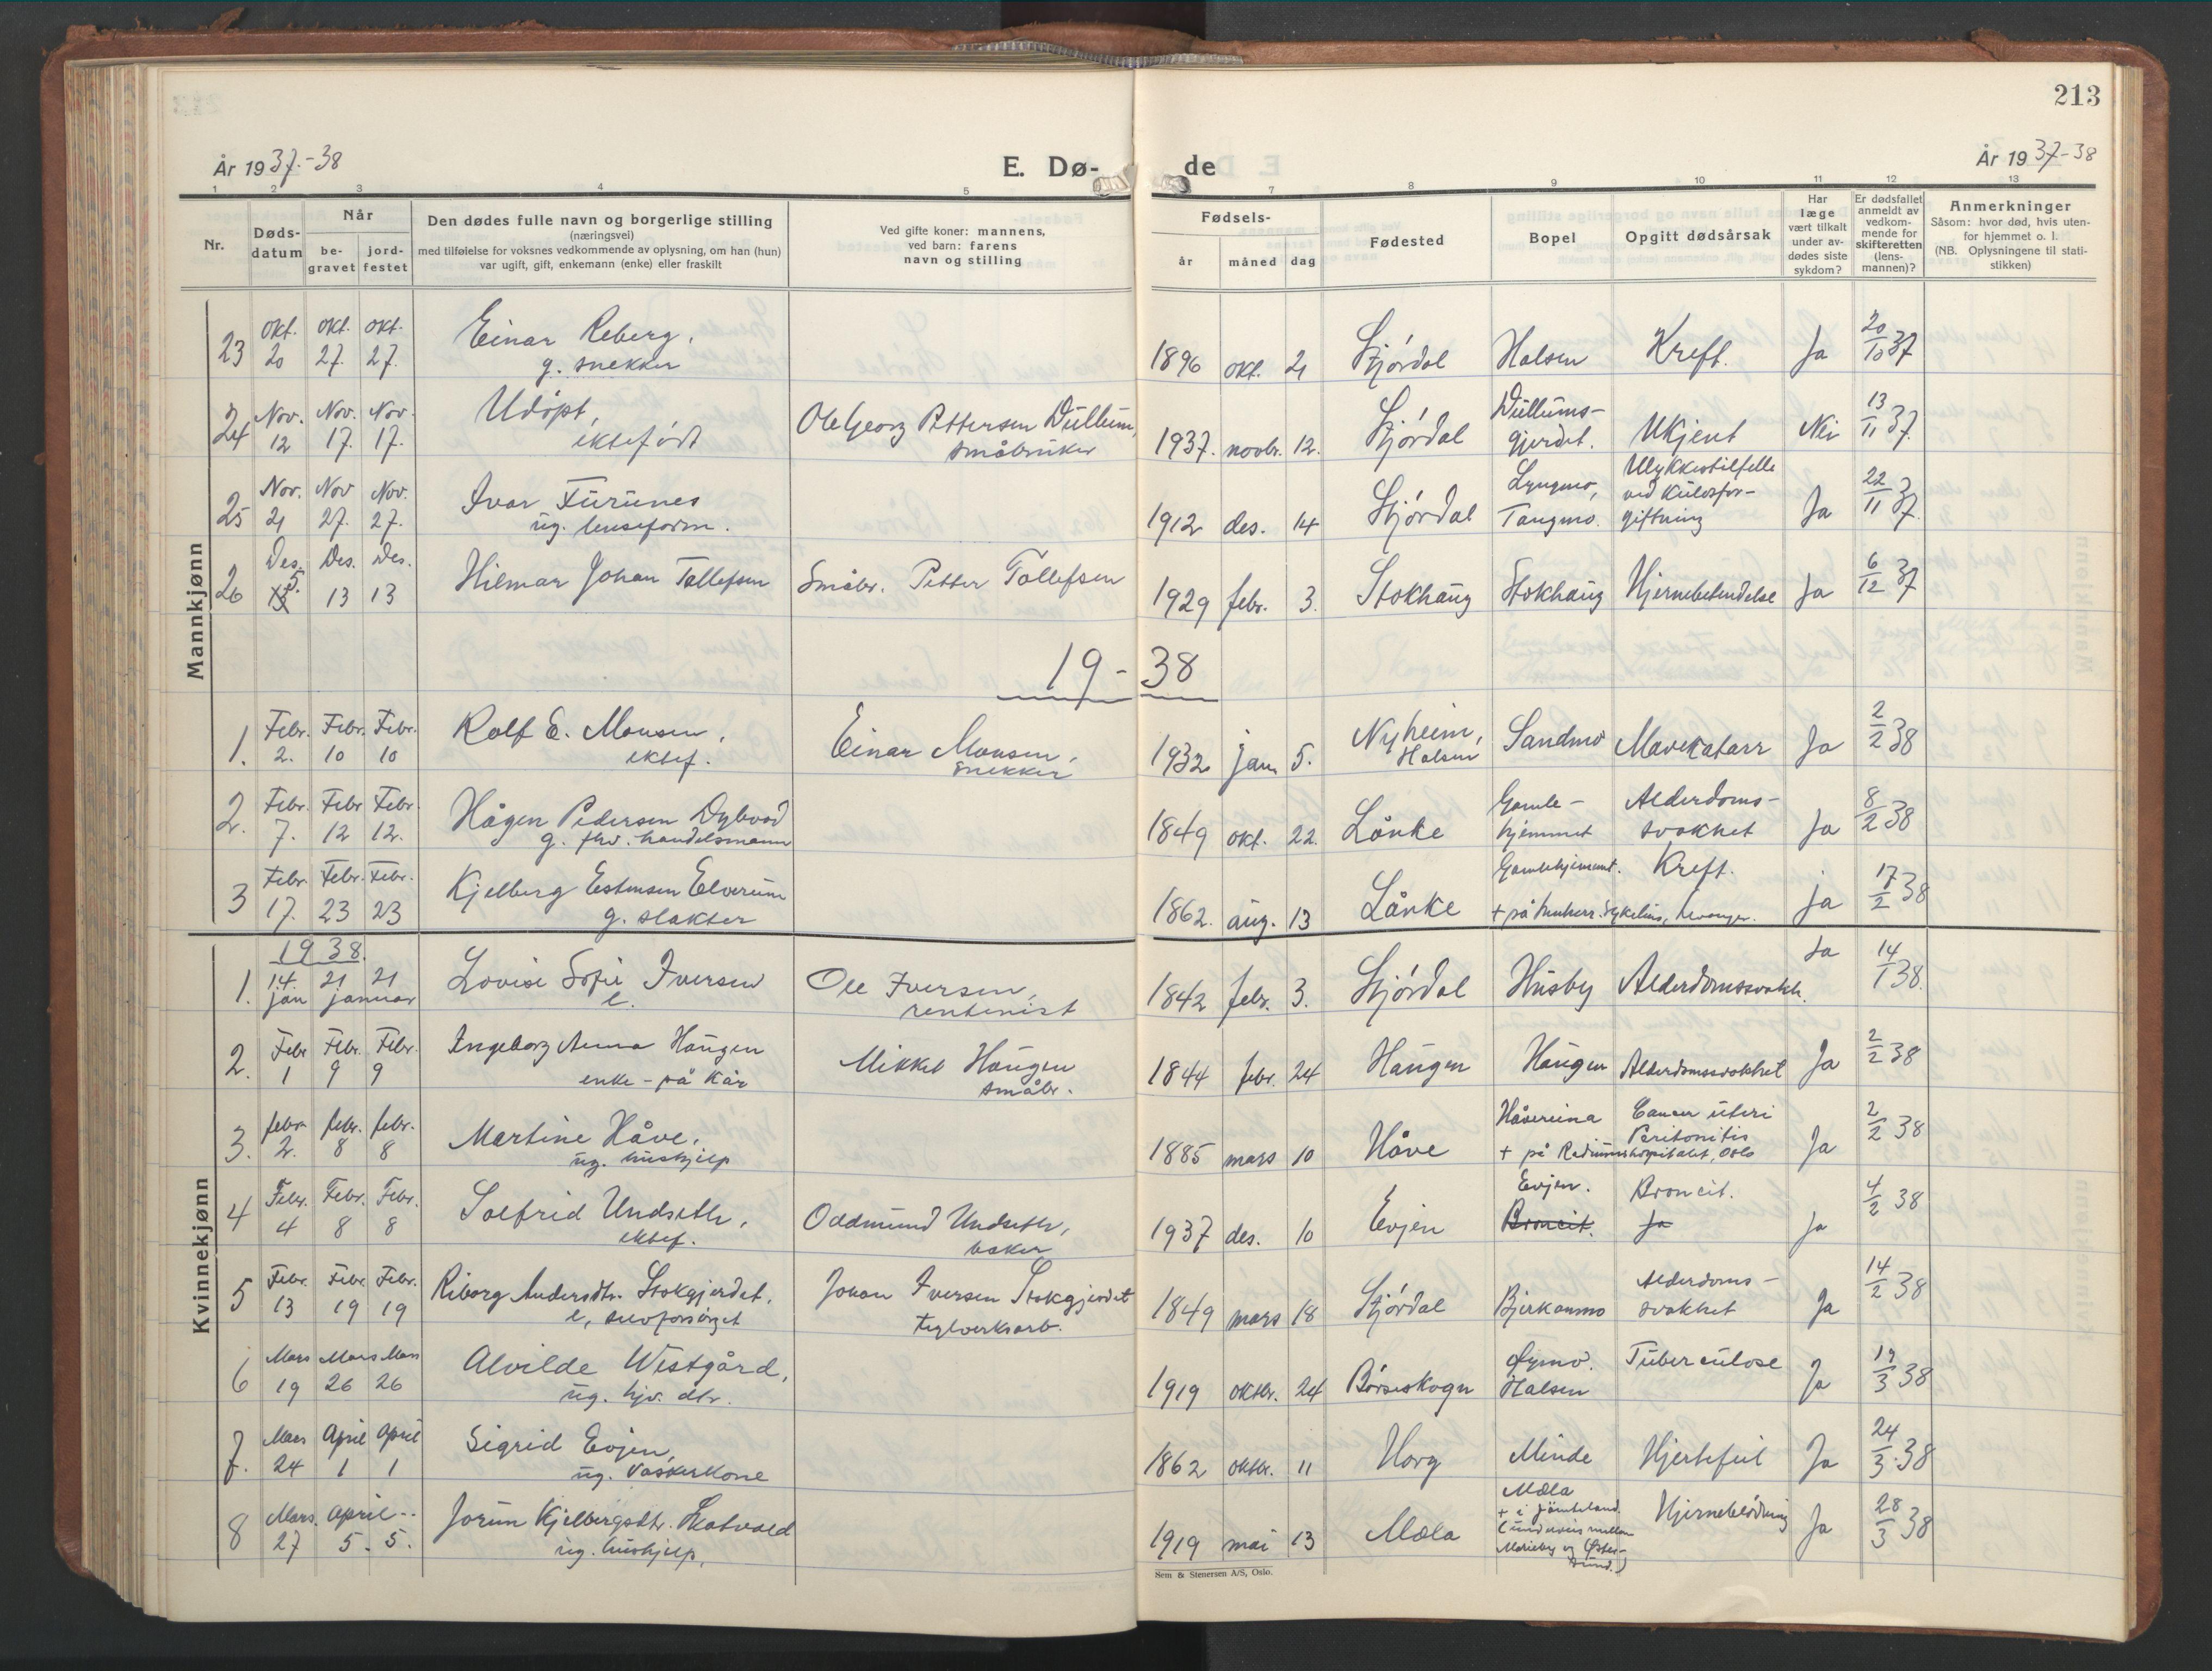 SAT, Ministerialprotokoller, klokkerbøker og fødselsregistre - Nord-Trøndelag, 709/L0089: Klokkerbok nr. 709C03, 1935-1948, s. 213